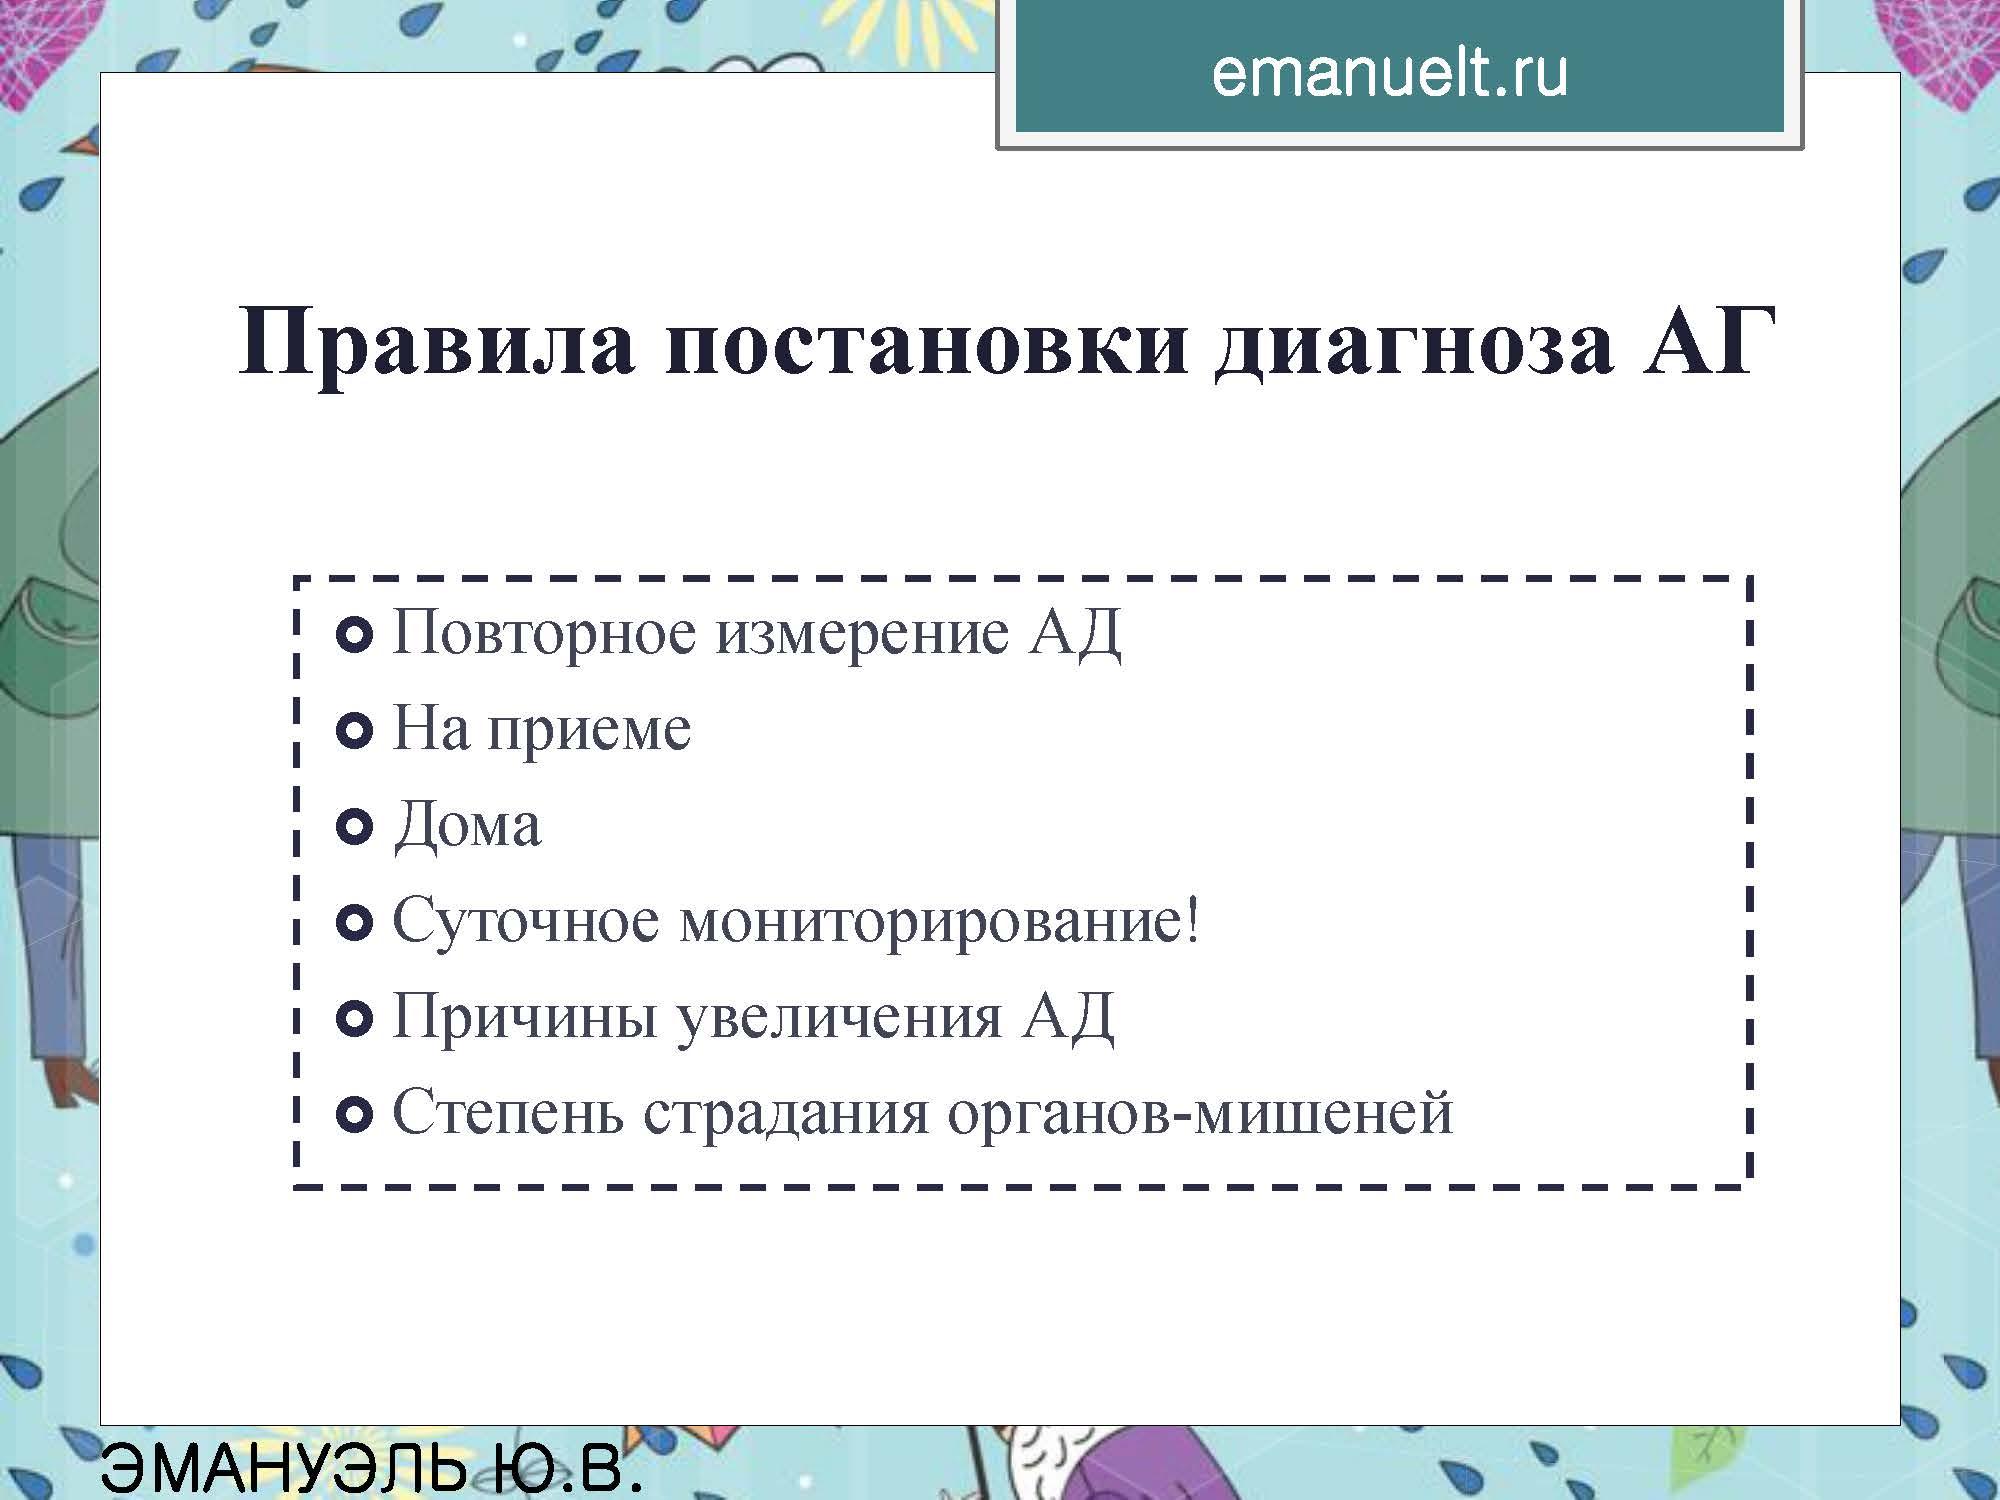 Секция 8. ЭЮВ. СПбГМУ.  26.03_Страница_18